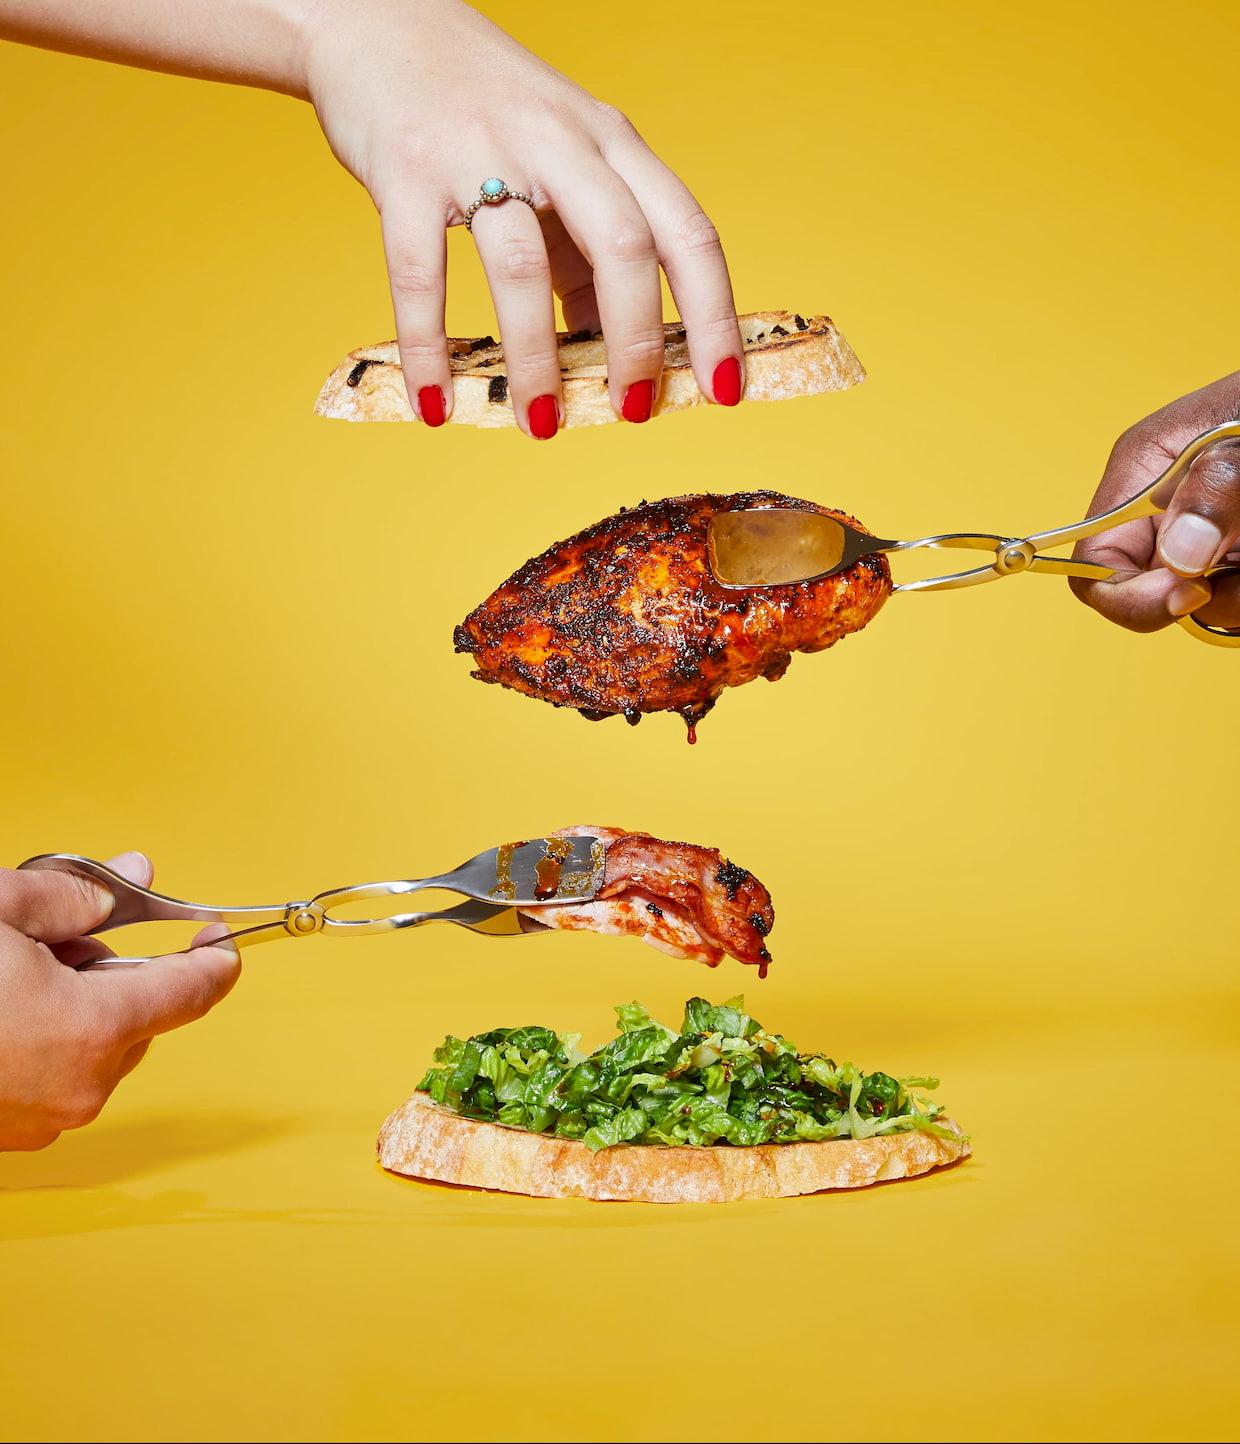 Marinated chicken sandwich being assembled